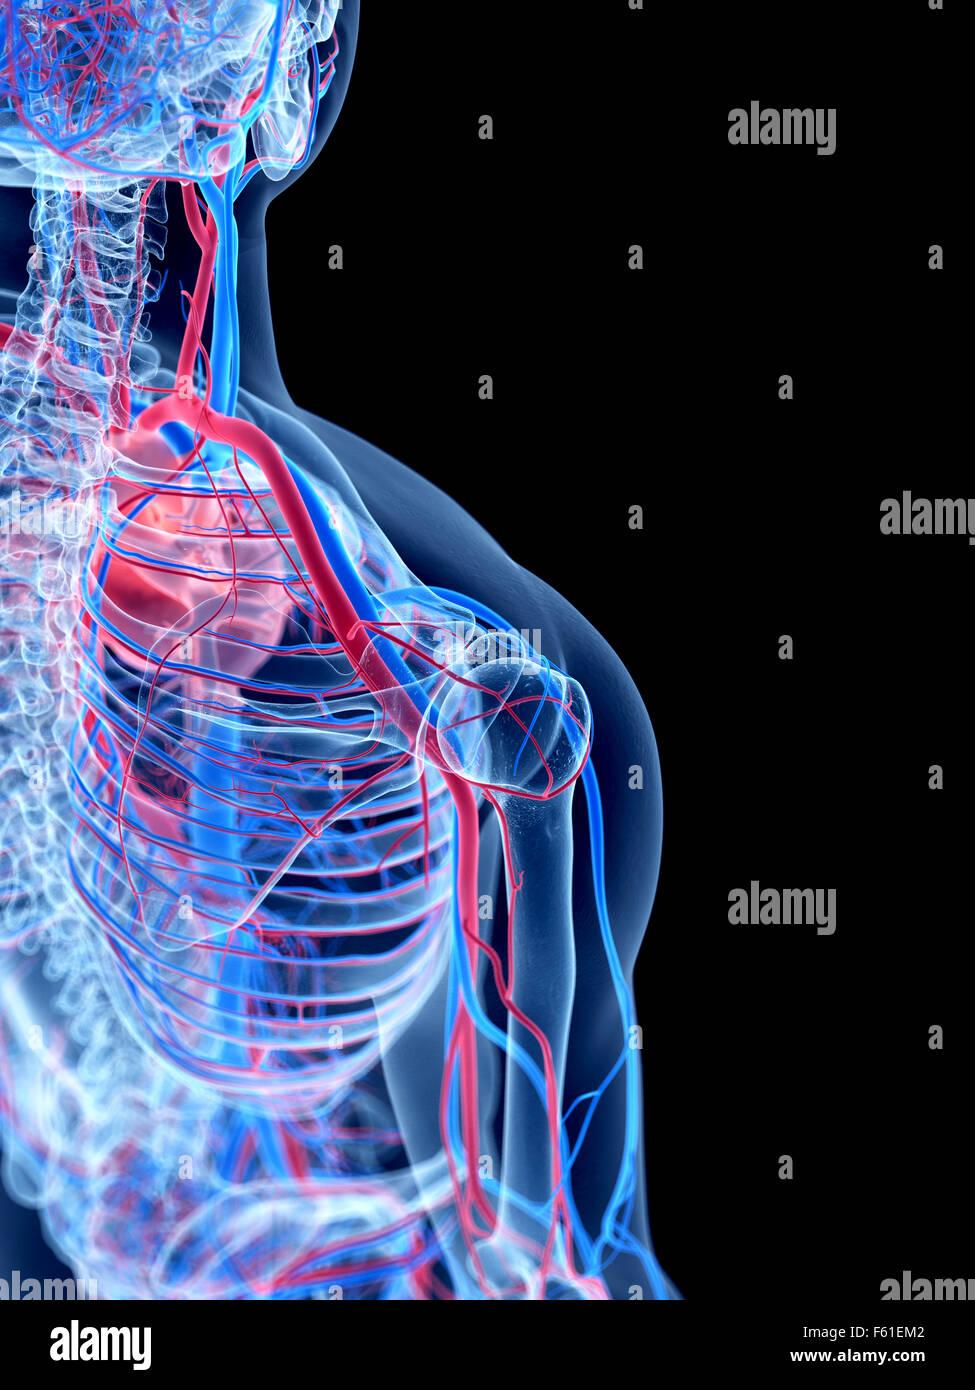 das menschliche Gefäßsystem - Schulter Stockfoto, Bild: 89773266 - Alamy